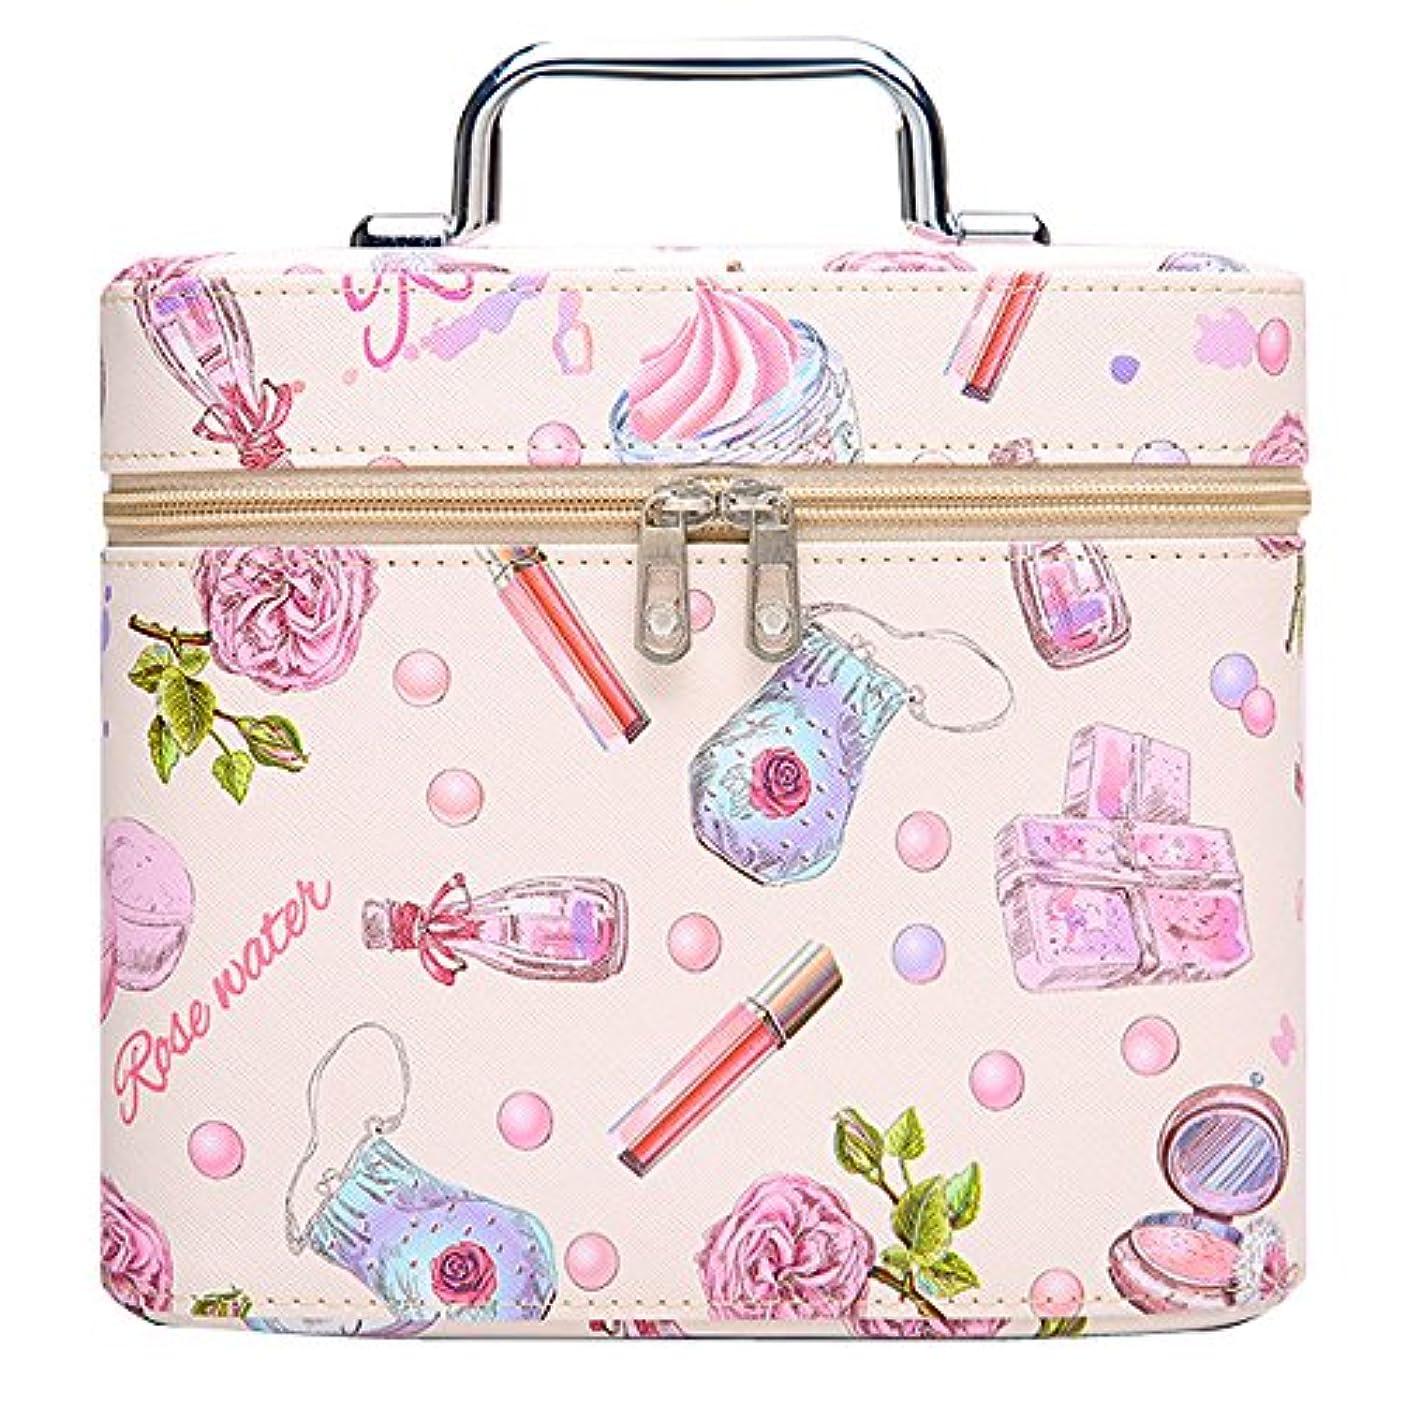 サーフィンエスニックパラシュートメイクボックス プロ 人気 コスメボックス 鏡付き 大容量 かわいい 化粧ボックス プロ 軽量 持ち運び (ピンク)